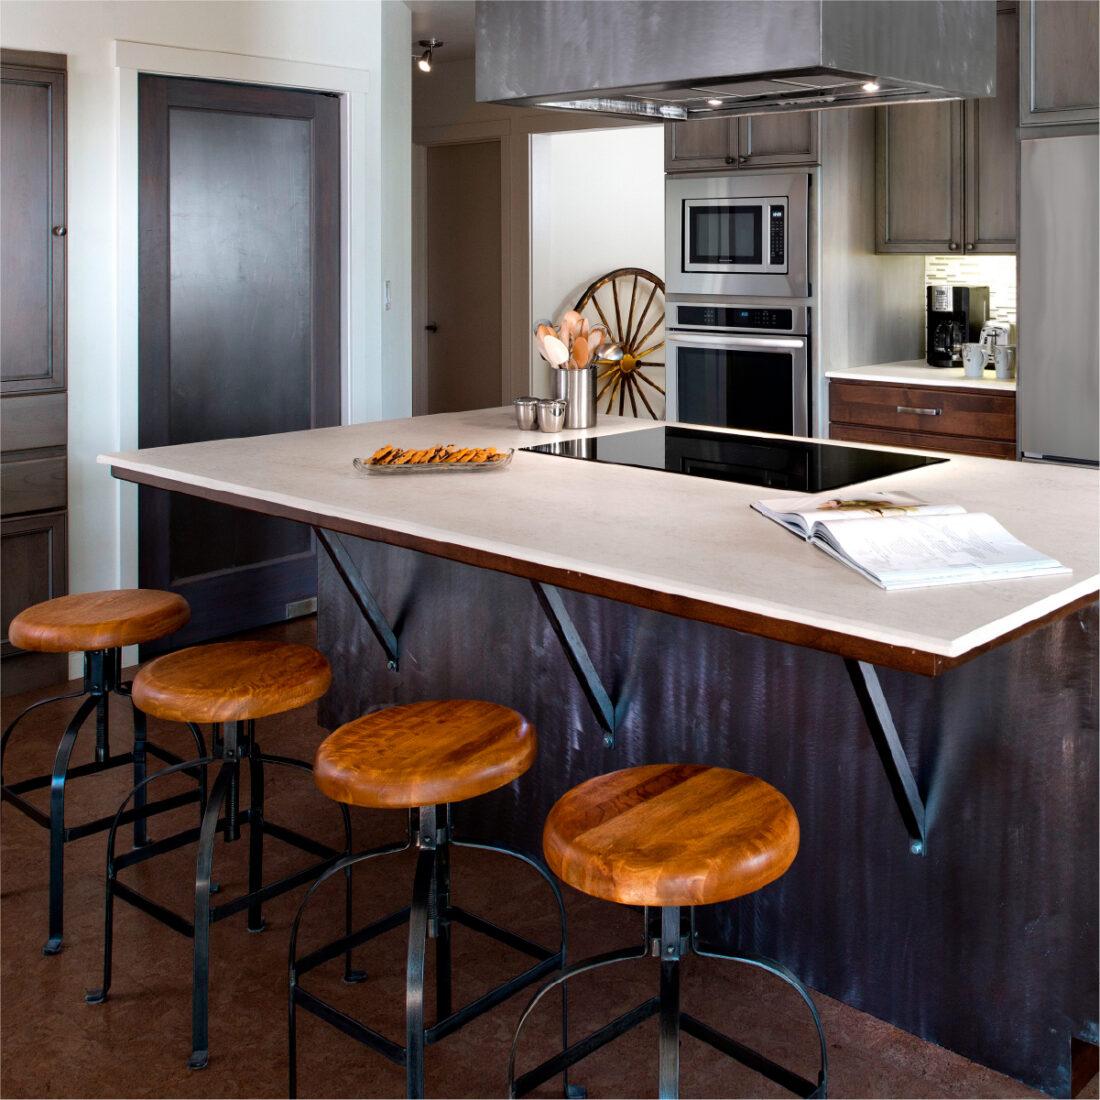 Image of Mesa de trabajo 8@2x 1 in Kitchens - Cosentino